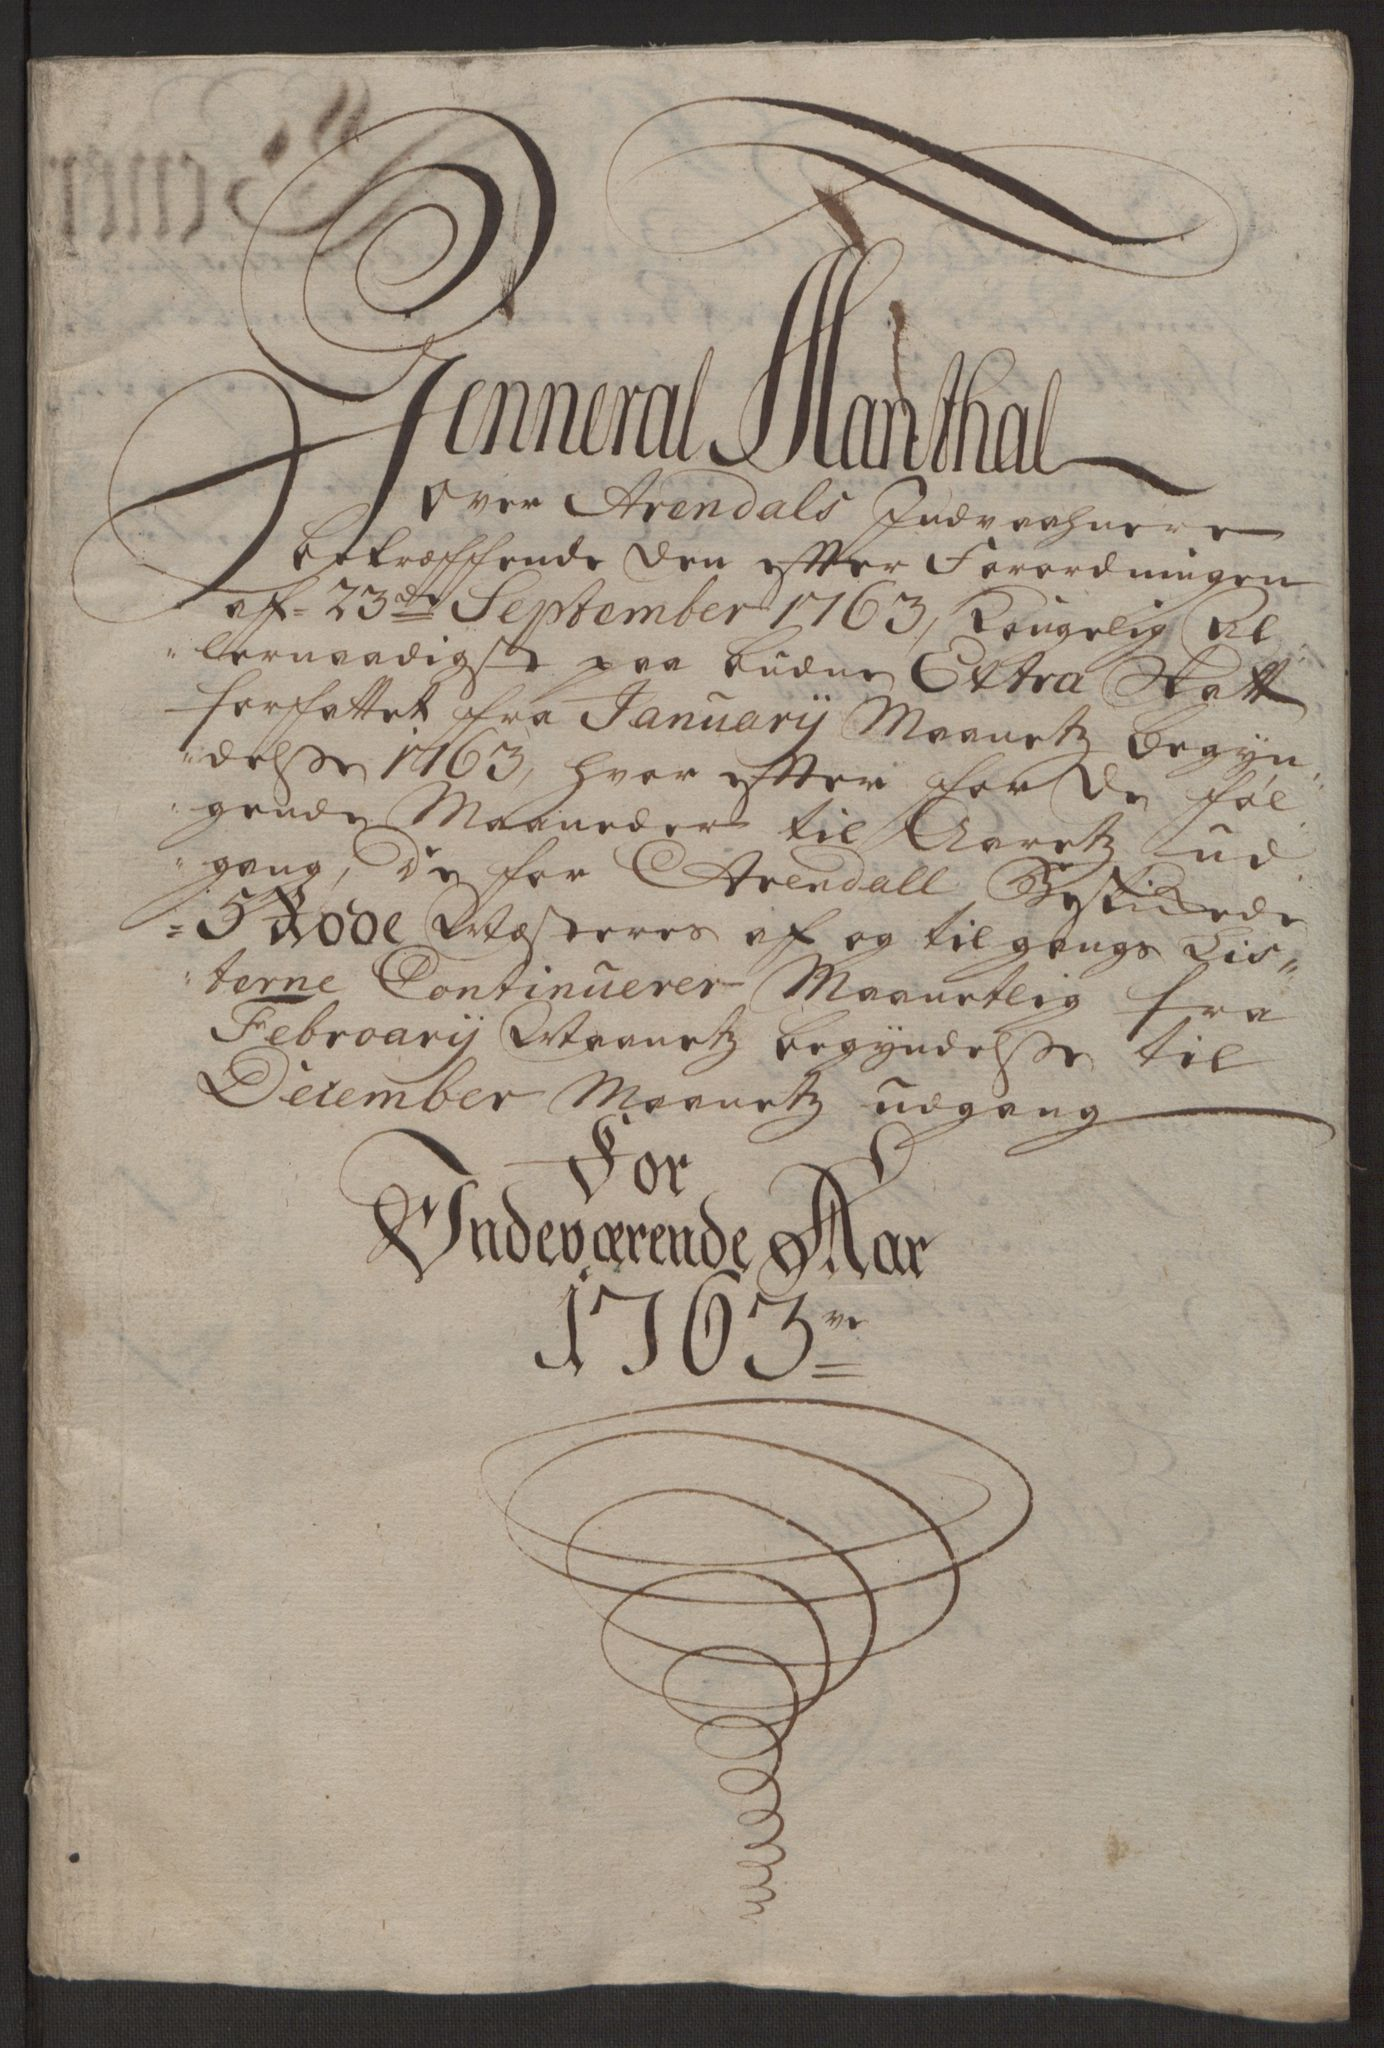 RA, Rentekammeret inntil 1814, Reviderte regnskaper, Byregnskaper, R/Rl/L0230: [L4] Kontribusjonsregnskap, 1762-1764, s. 102